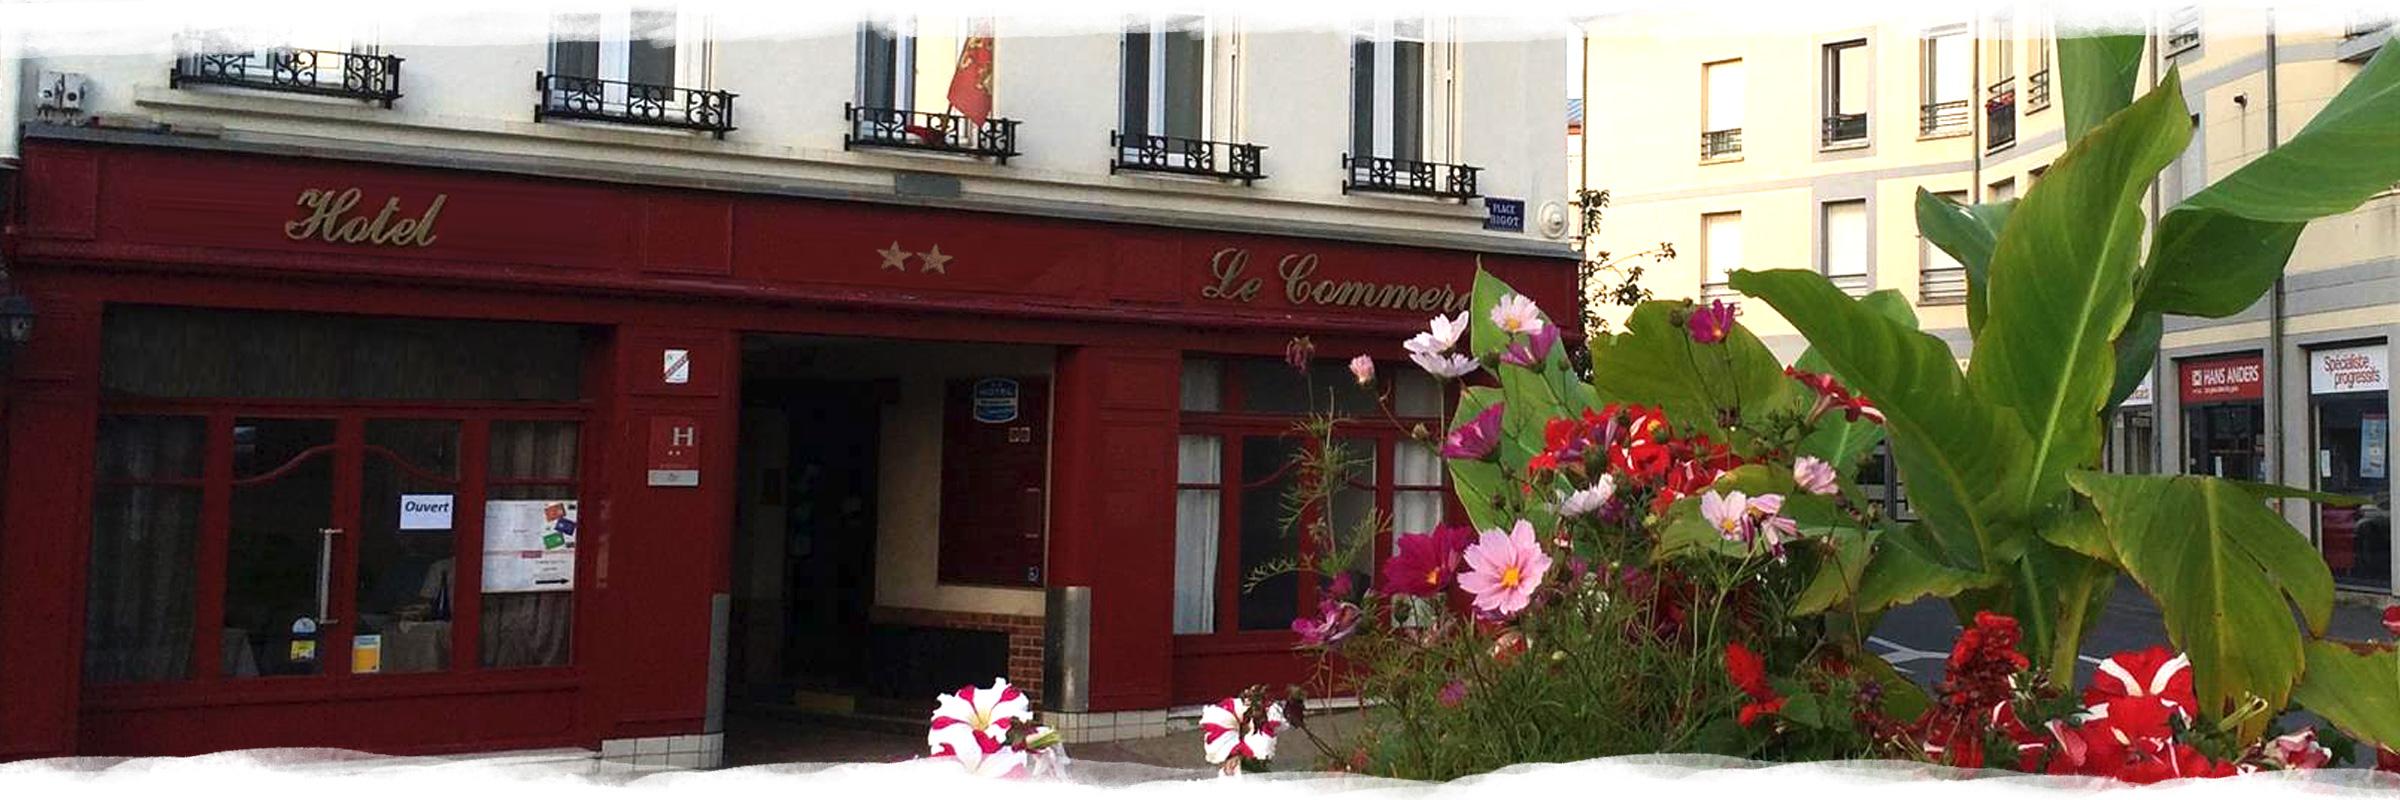 bandeau-hotel-du-commerce-fecamp